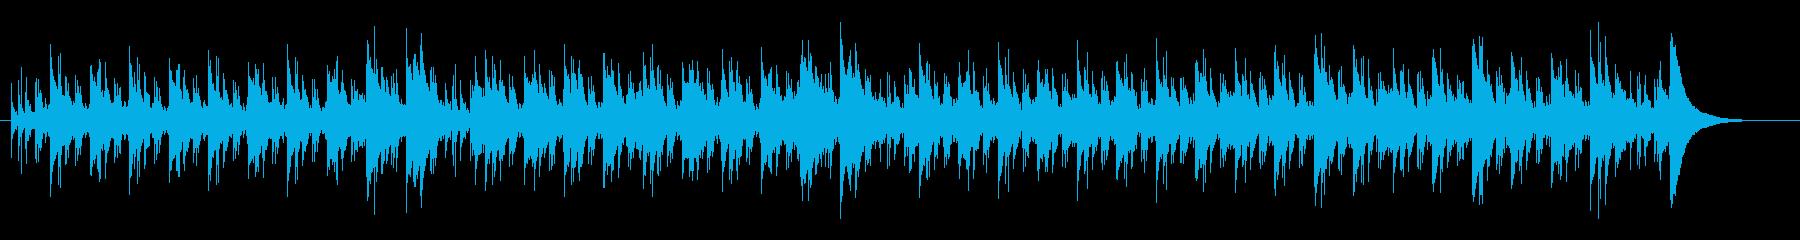 クワィエット・ストーム風バラードの再生済みの波形